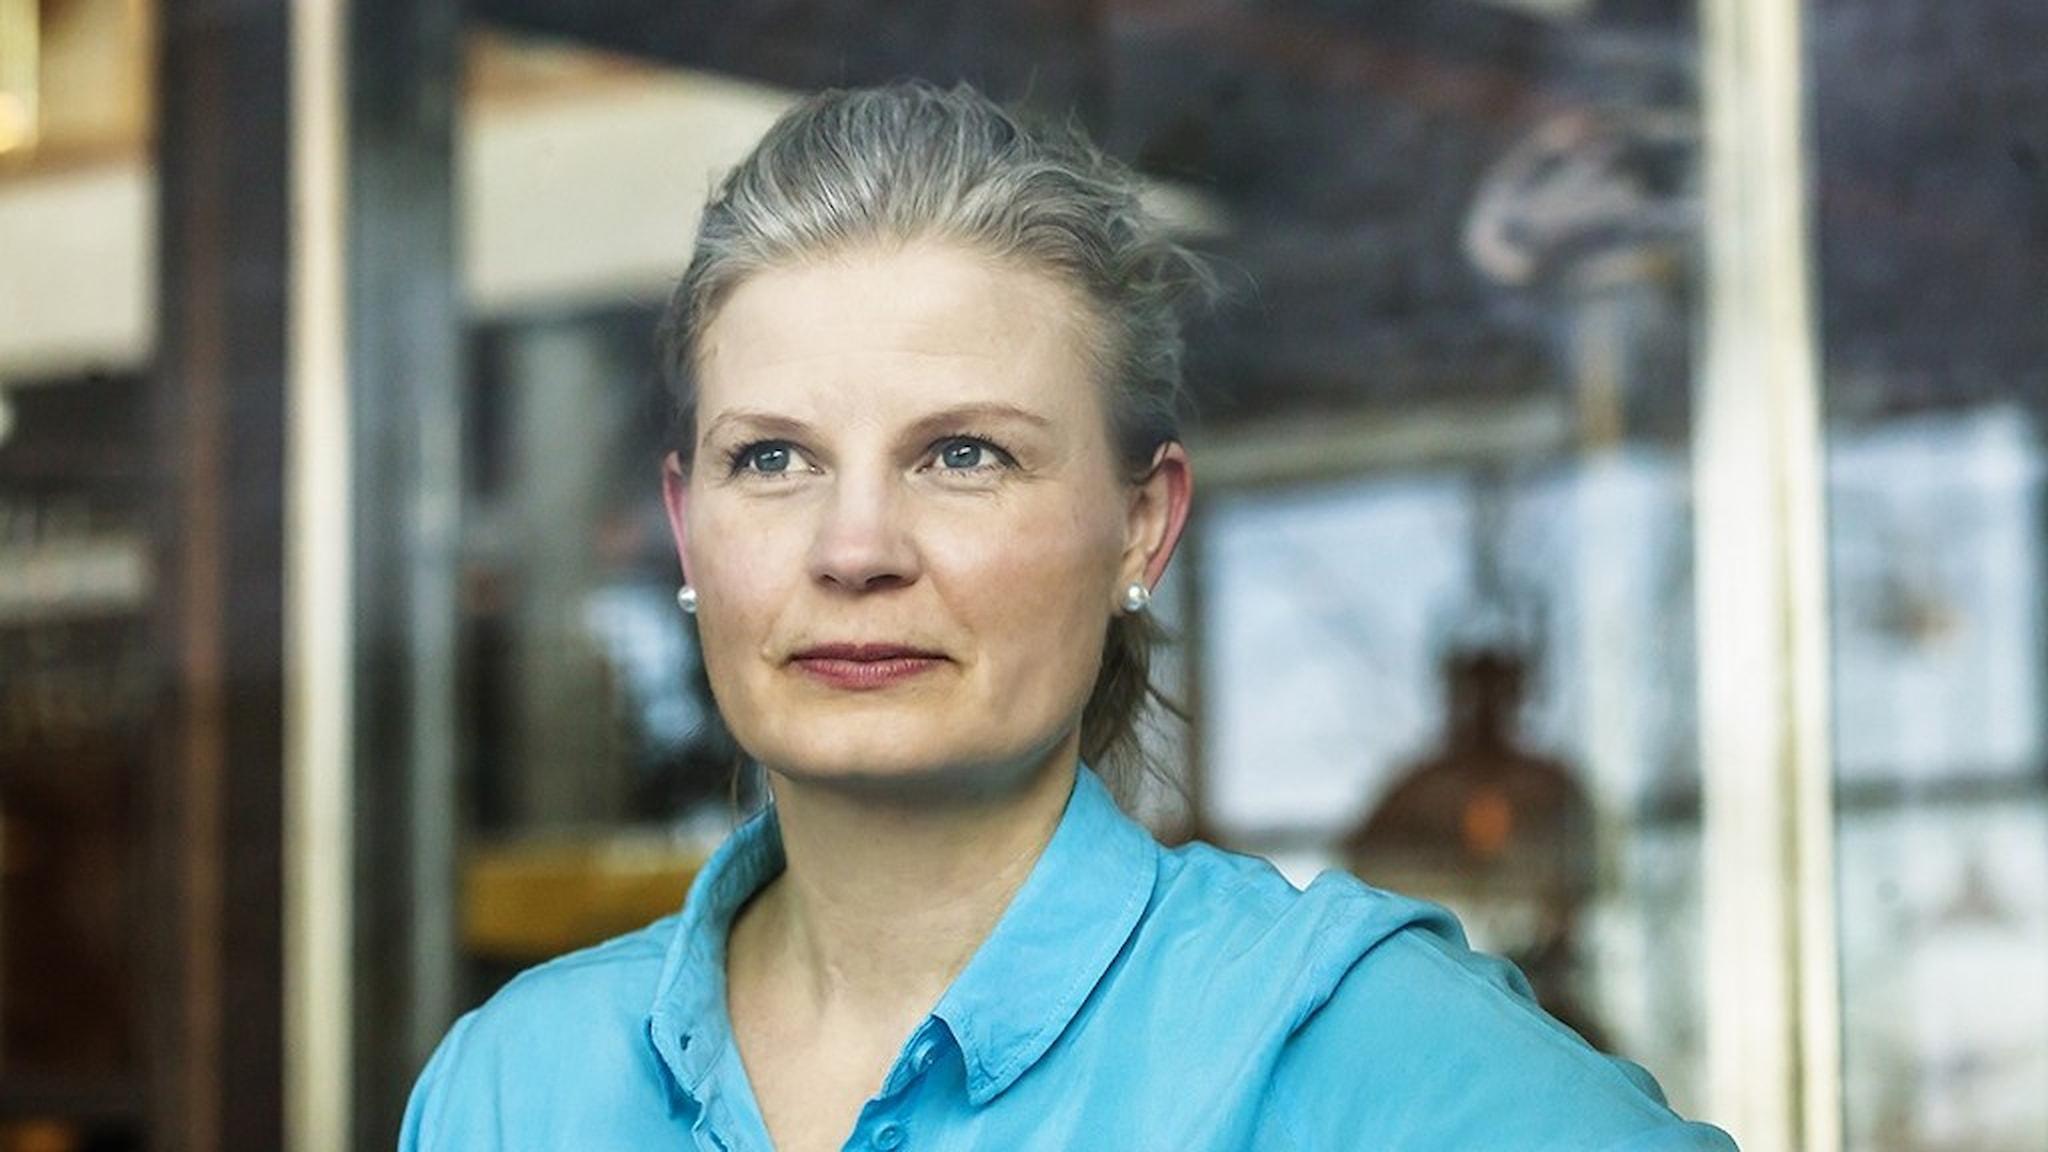 Författaren Lina Stoltz med turkos blus och håret i hästsvans.